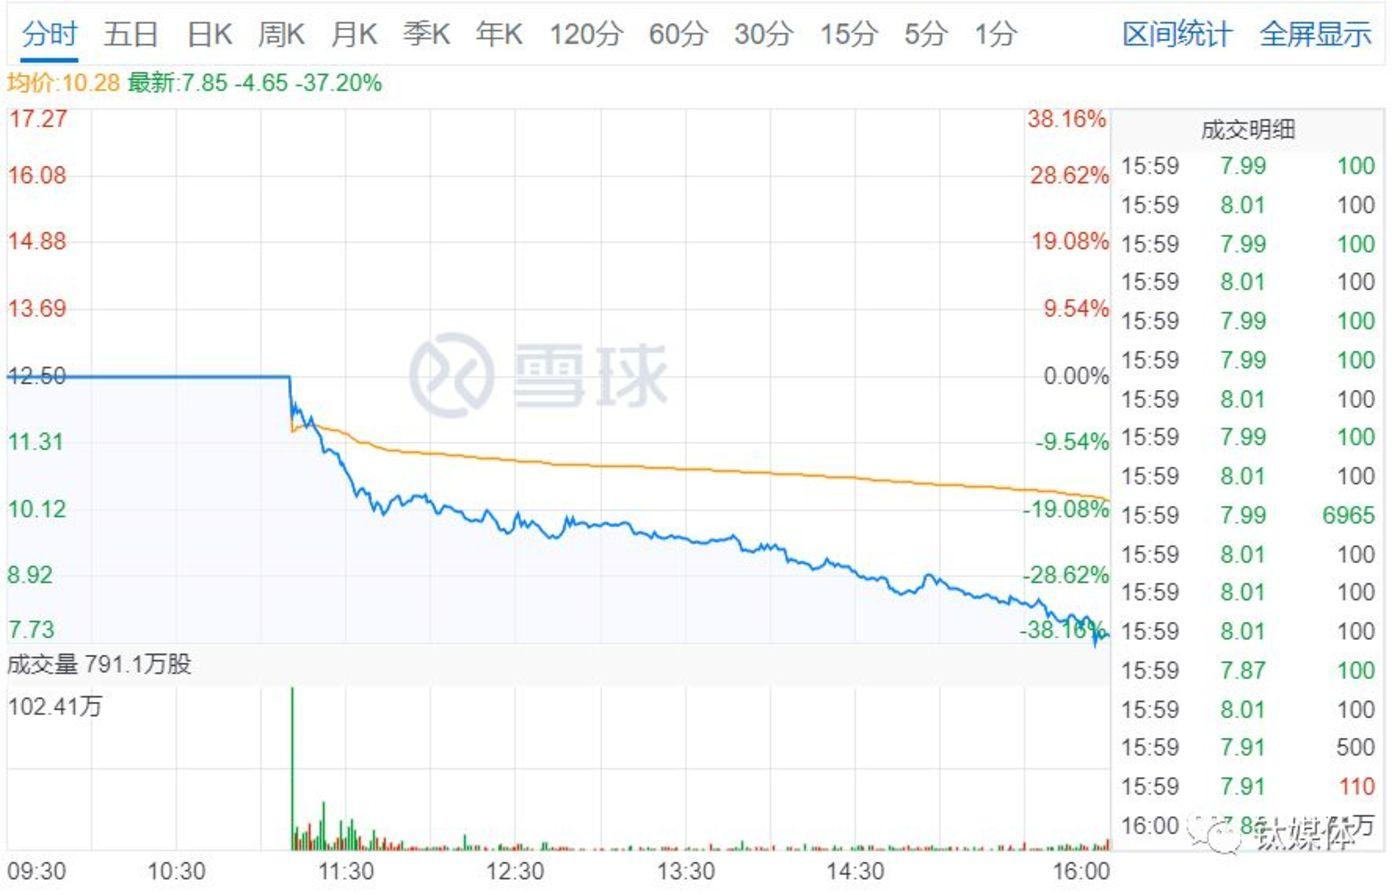 華爾街不識張大奕,網紅第一股 IPO 首日破發暴跌37%